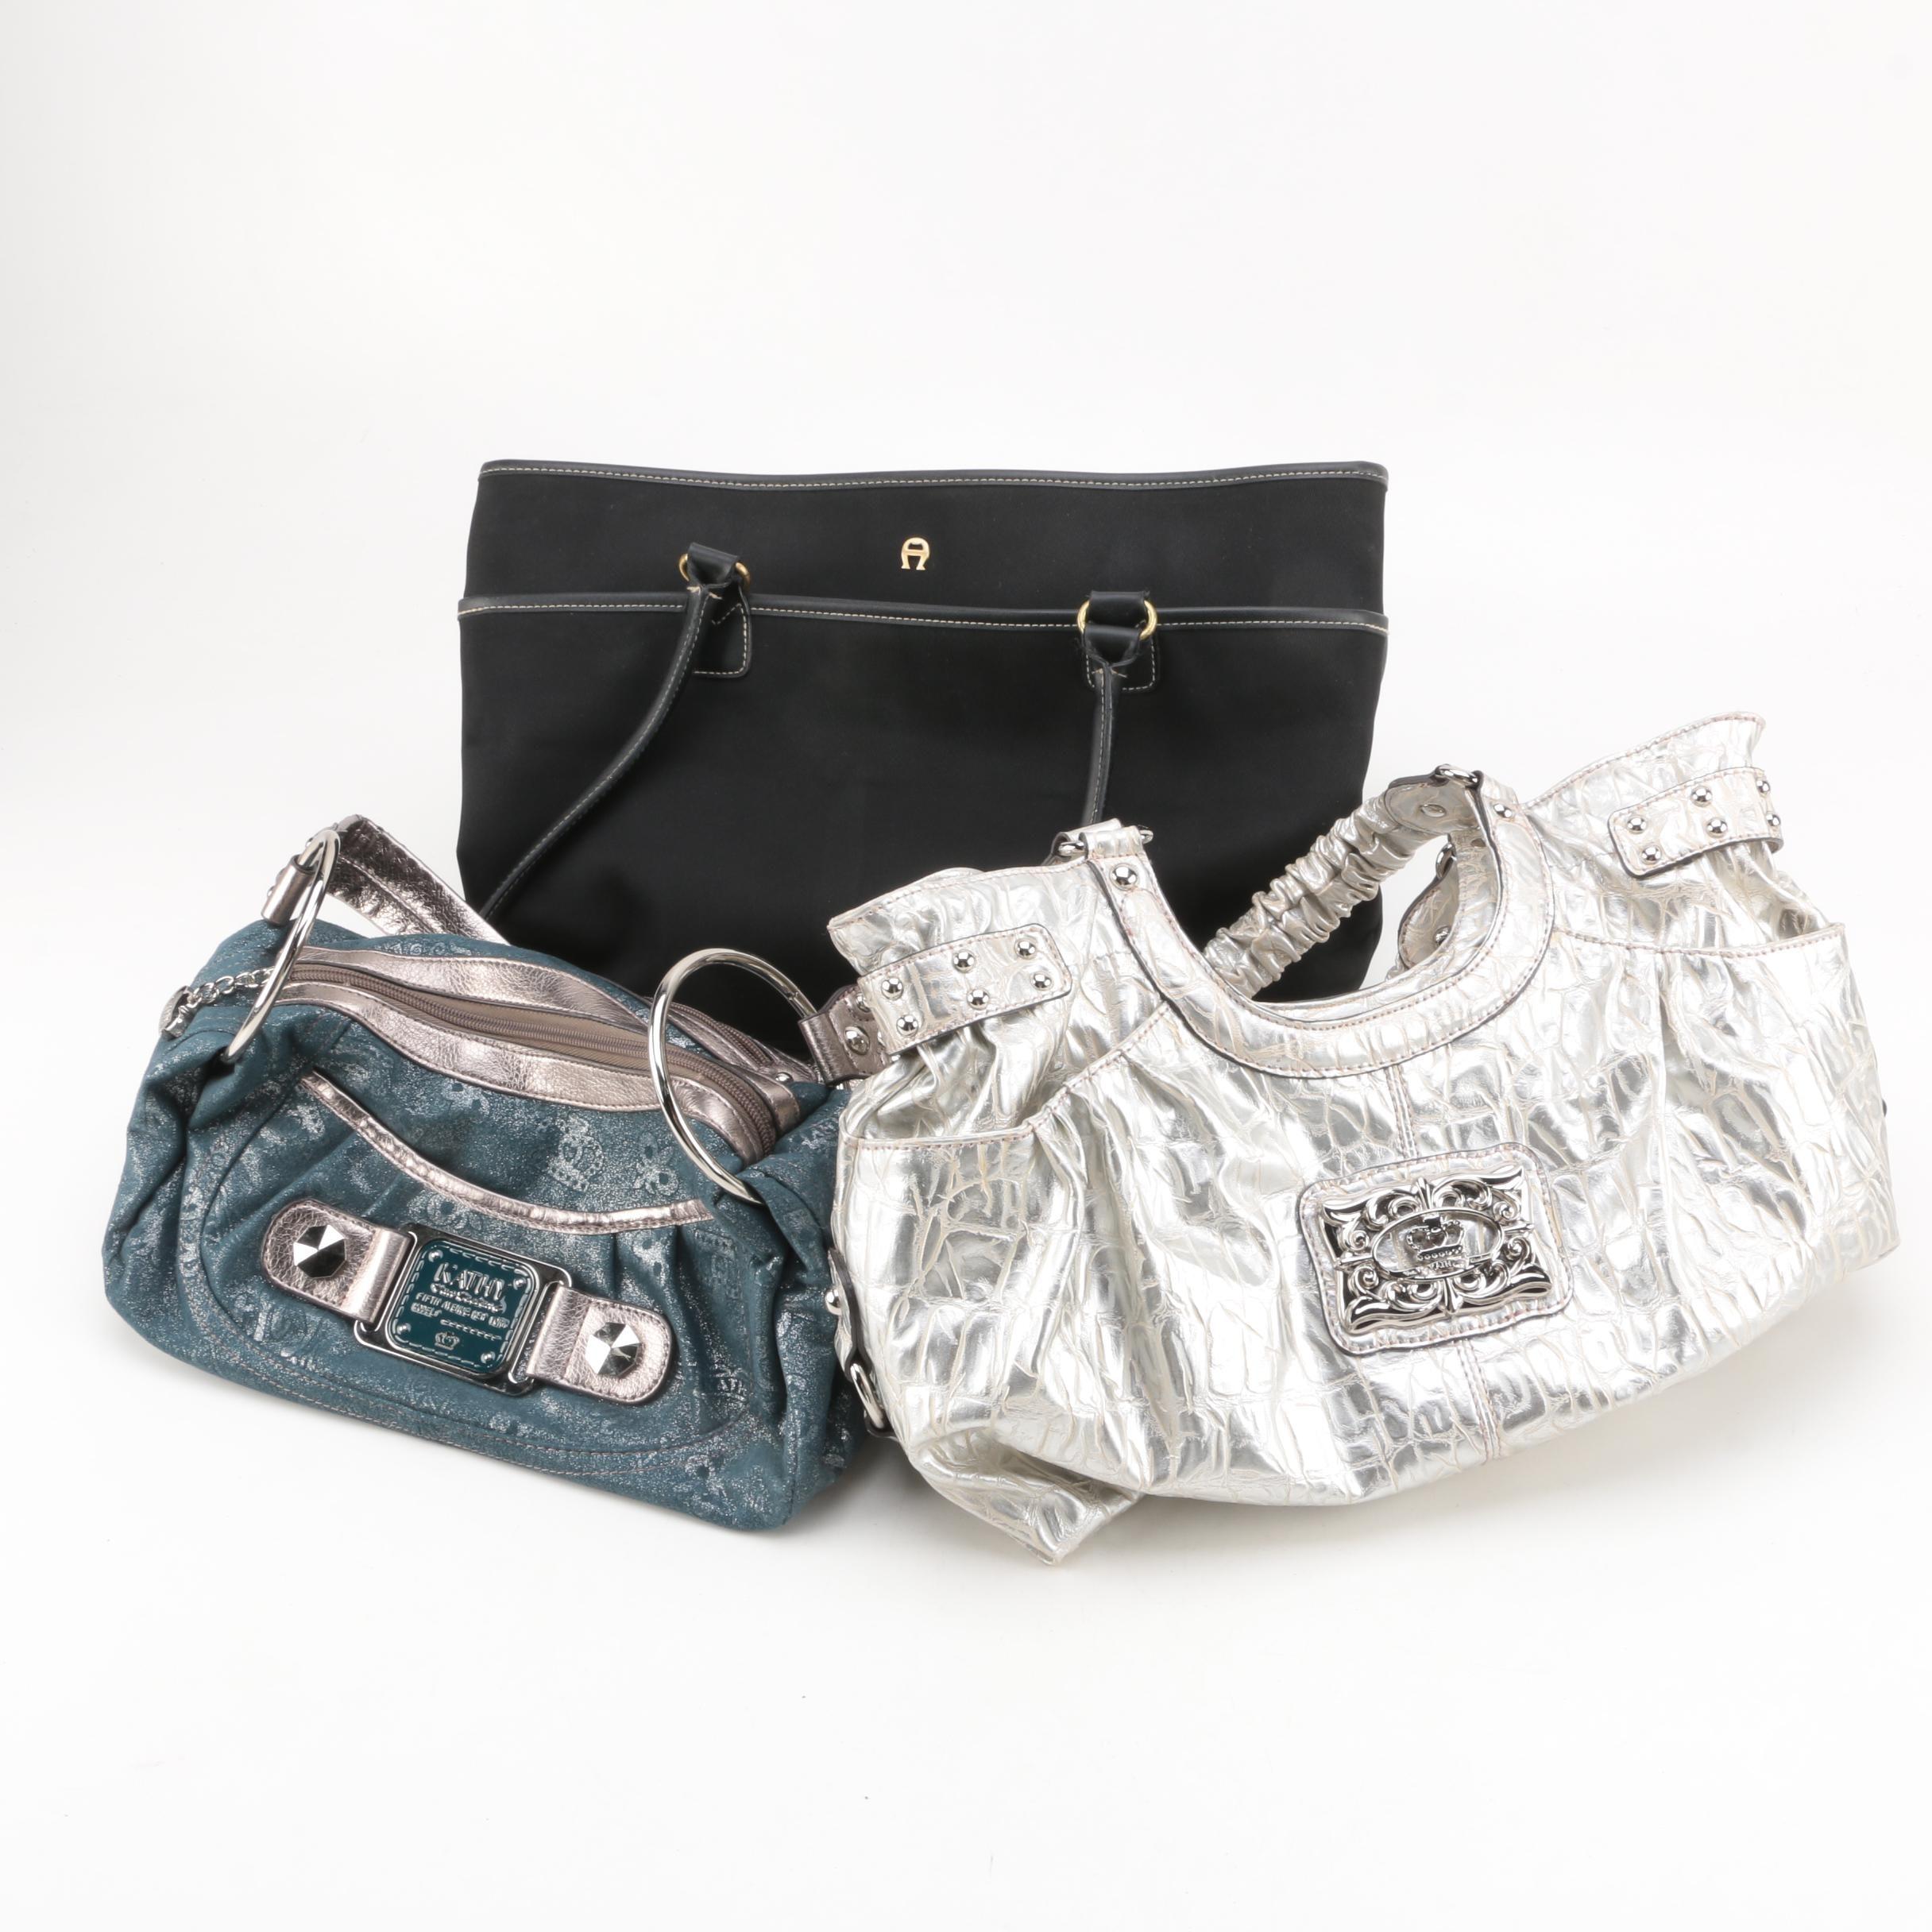 Women's Handbags Including Kathy Van Zeeland